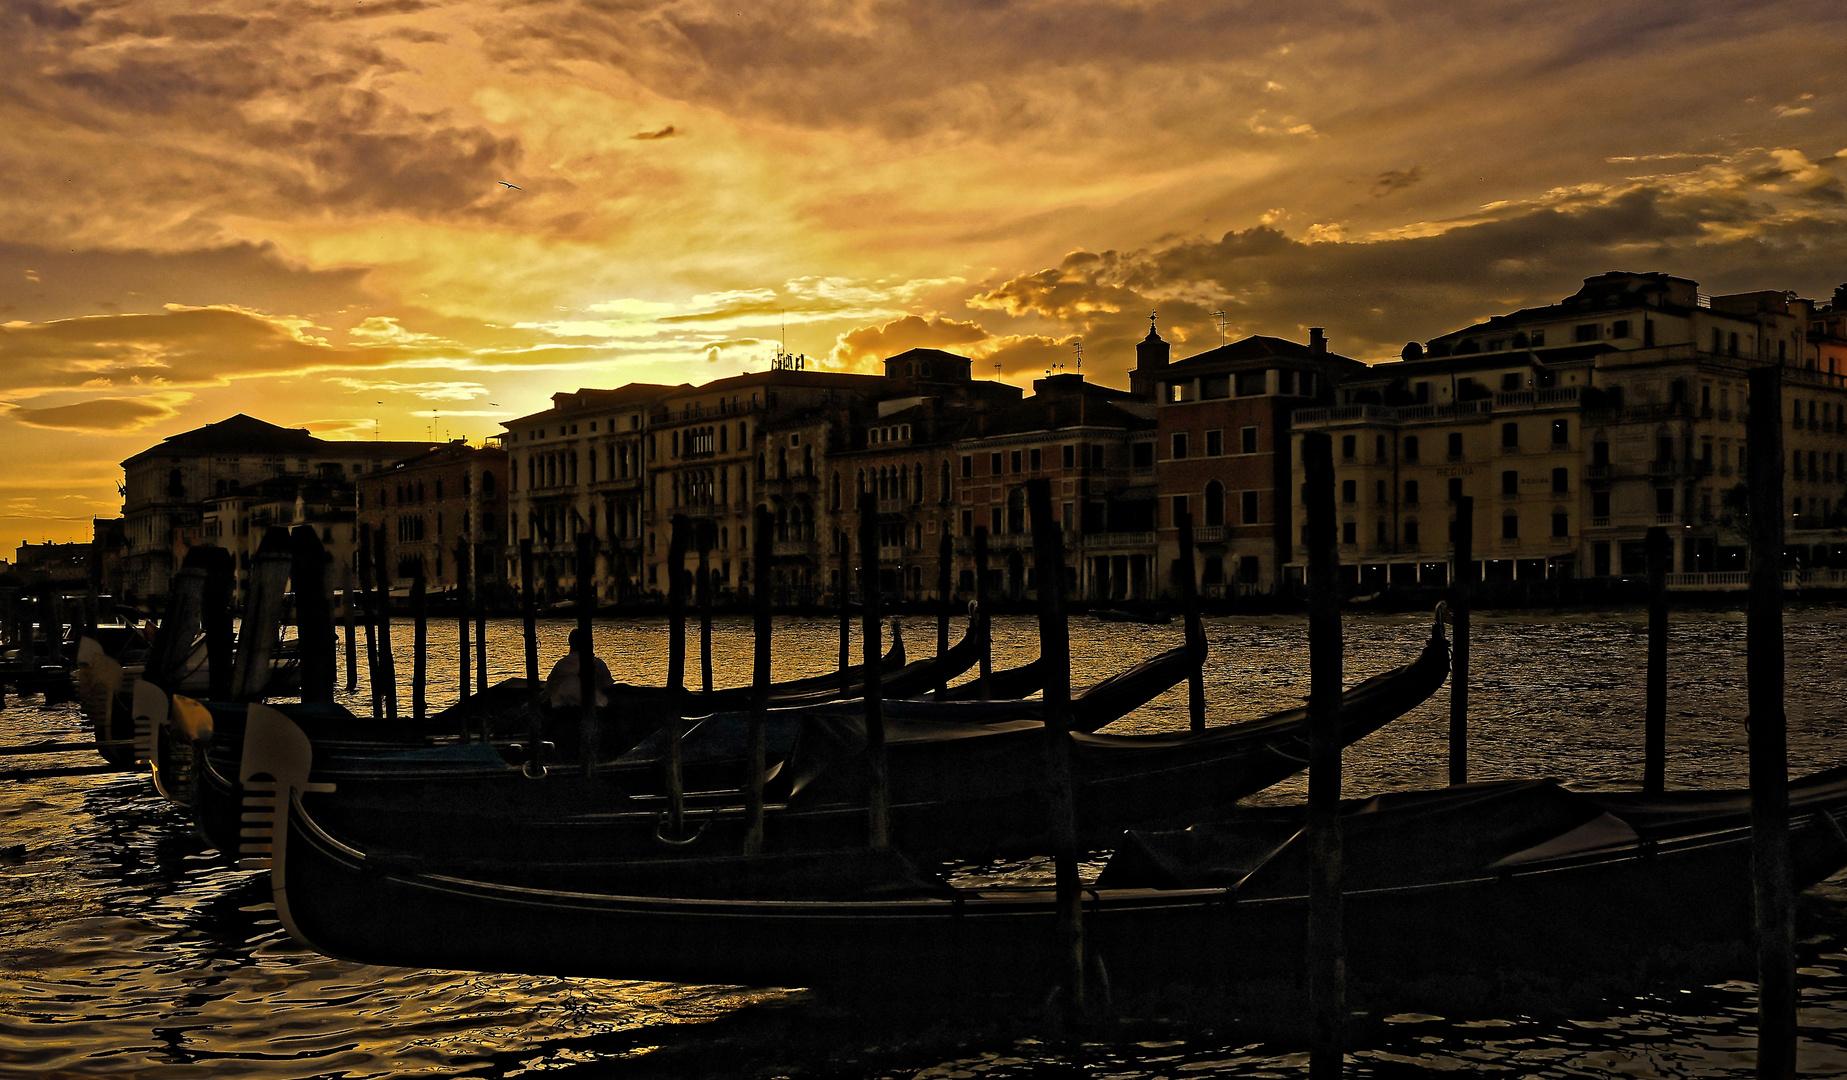 La notte splende a venezia